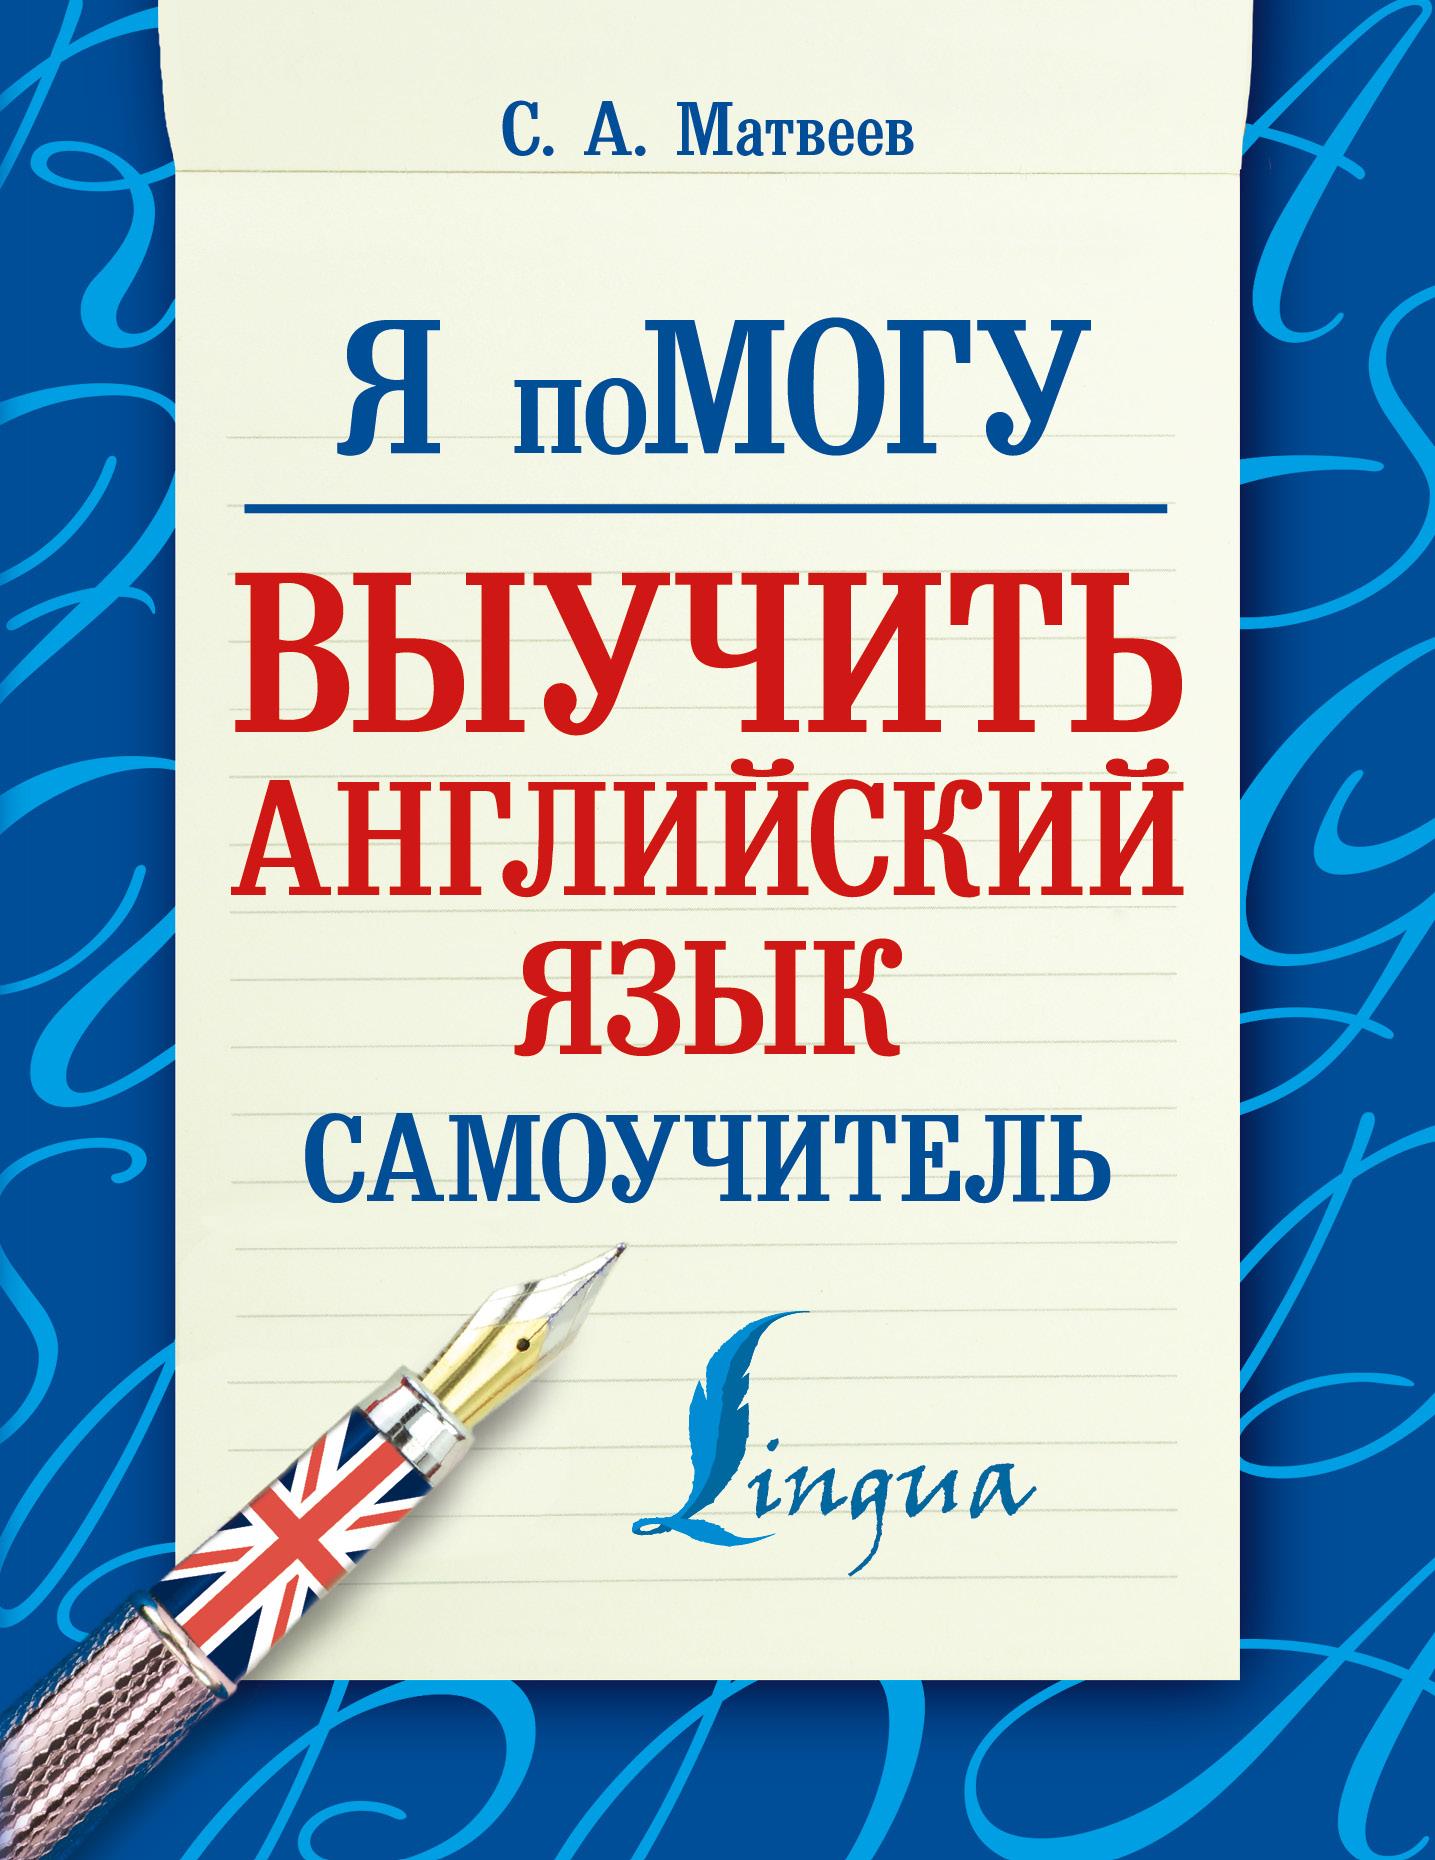 Я помогу выучить английский язык. Самоучитель ( Матвеев С.А.  )